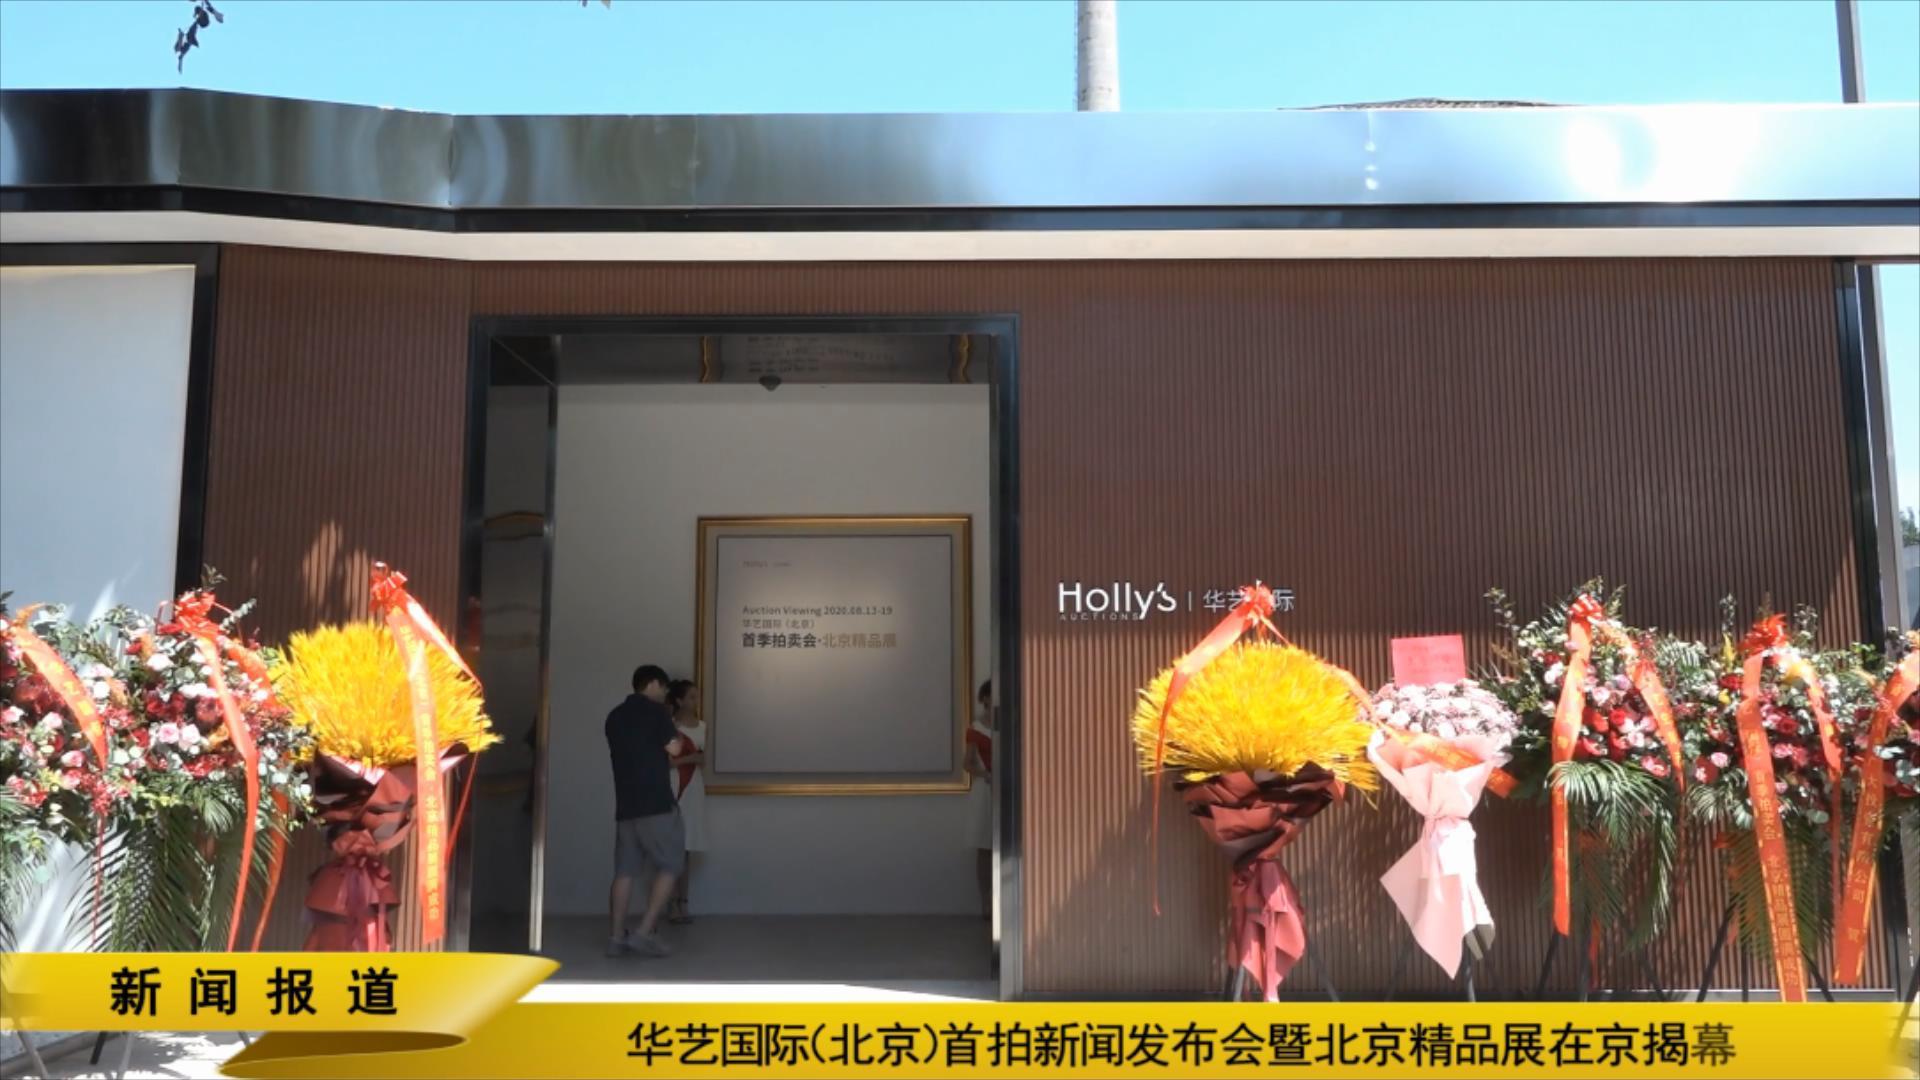 华艺国际(北京)首拍新闻发布会暨北京精品展在京揭幕